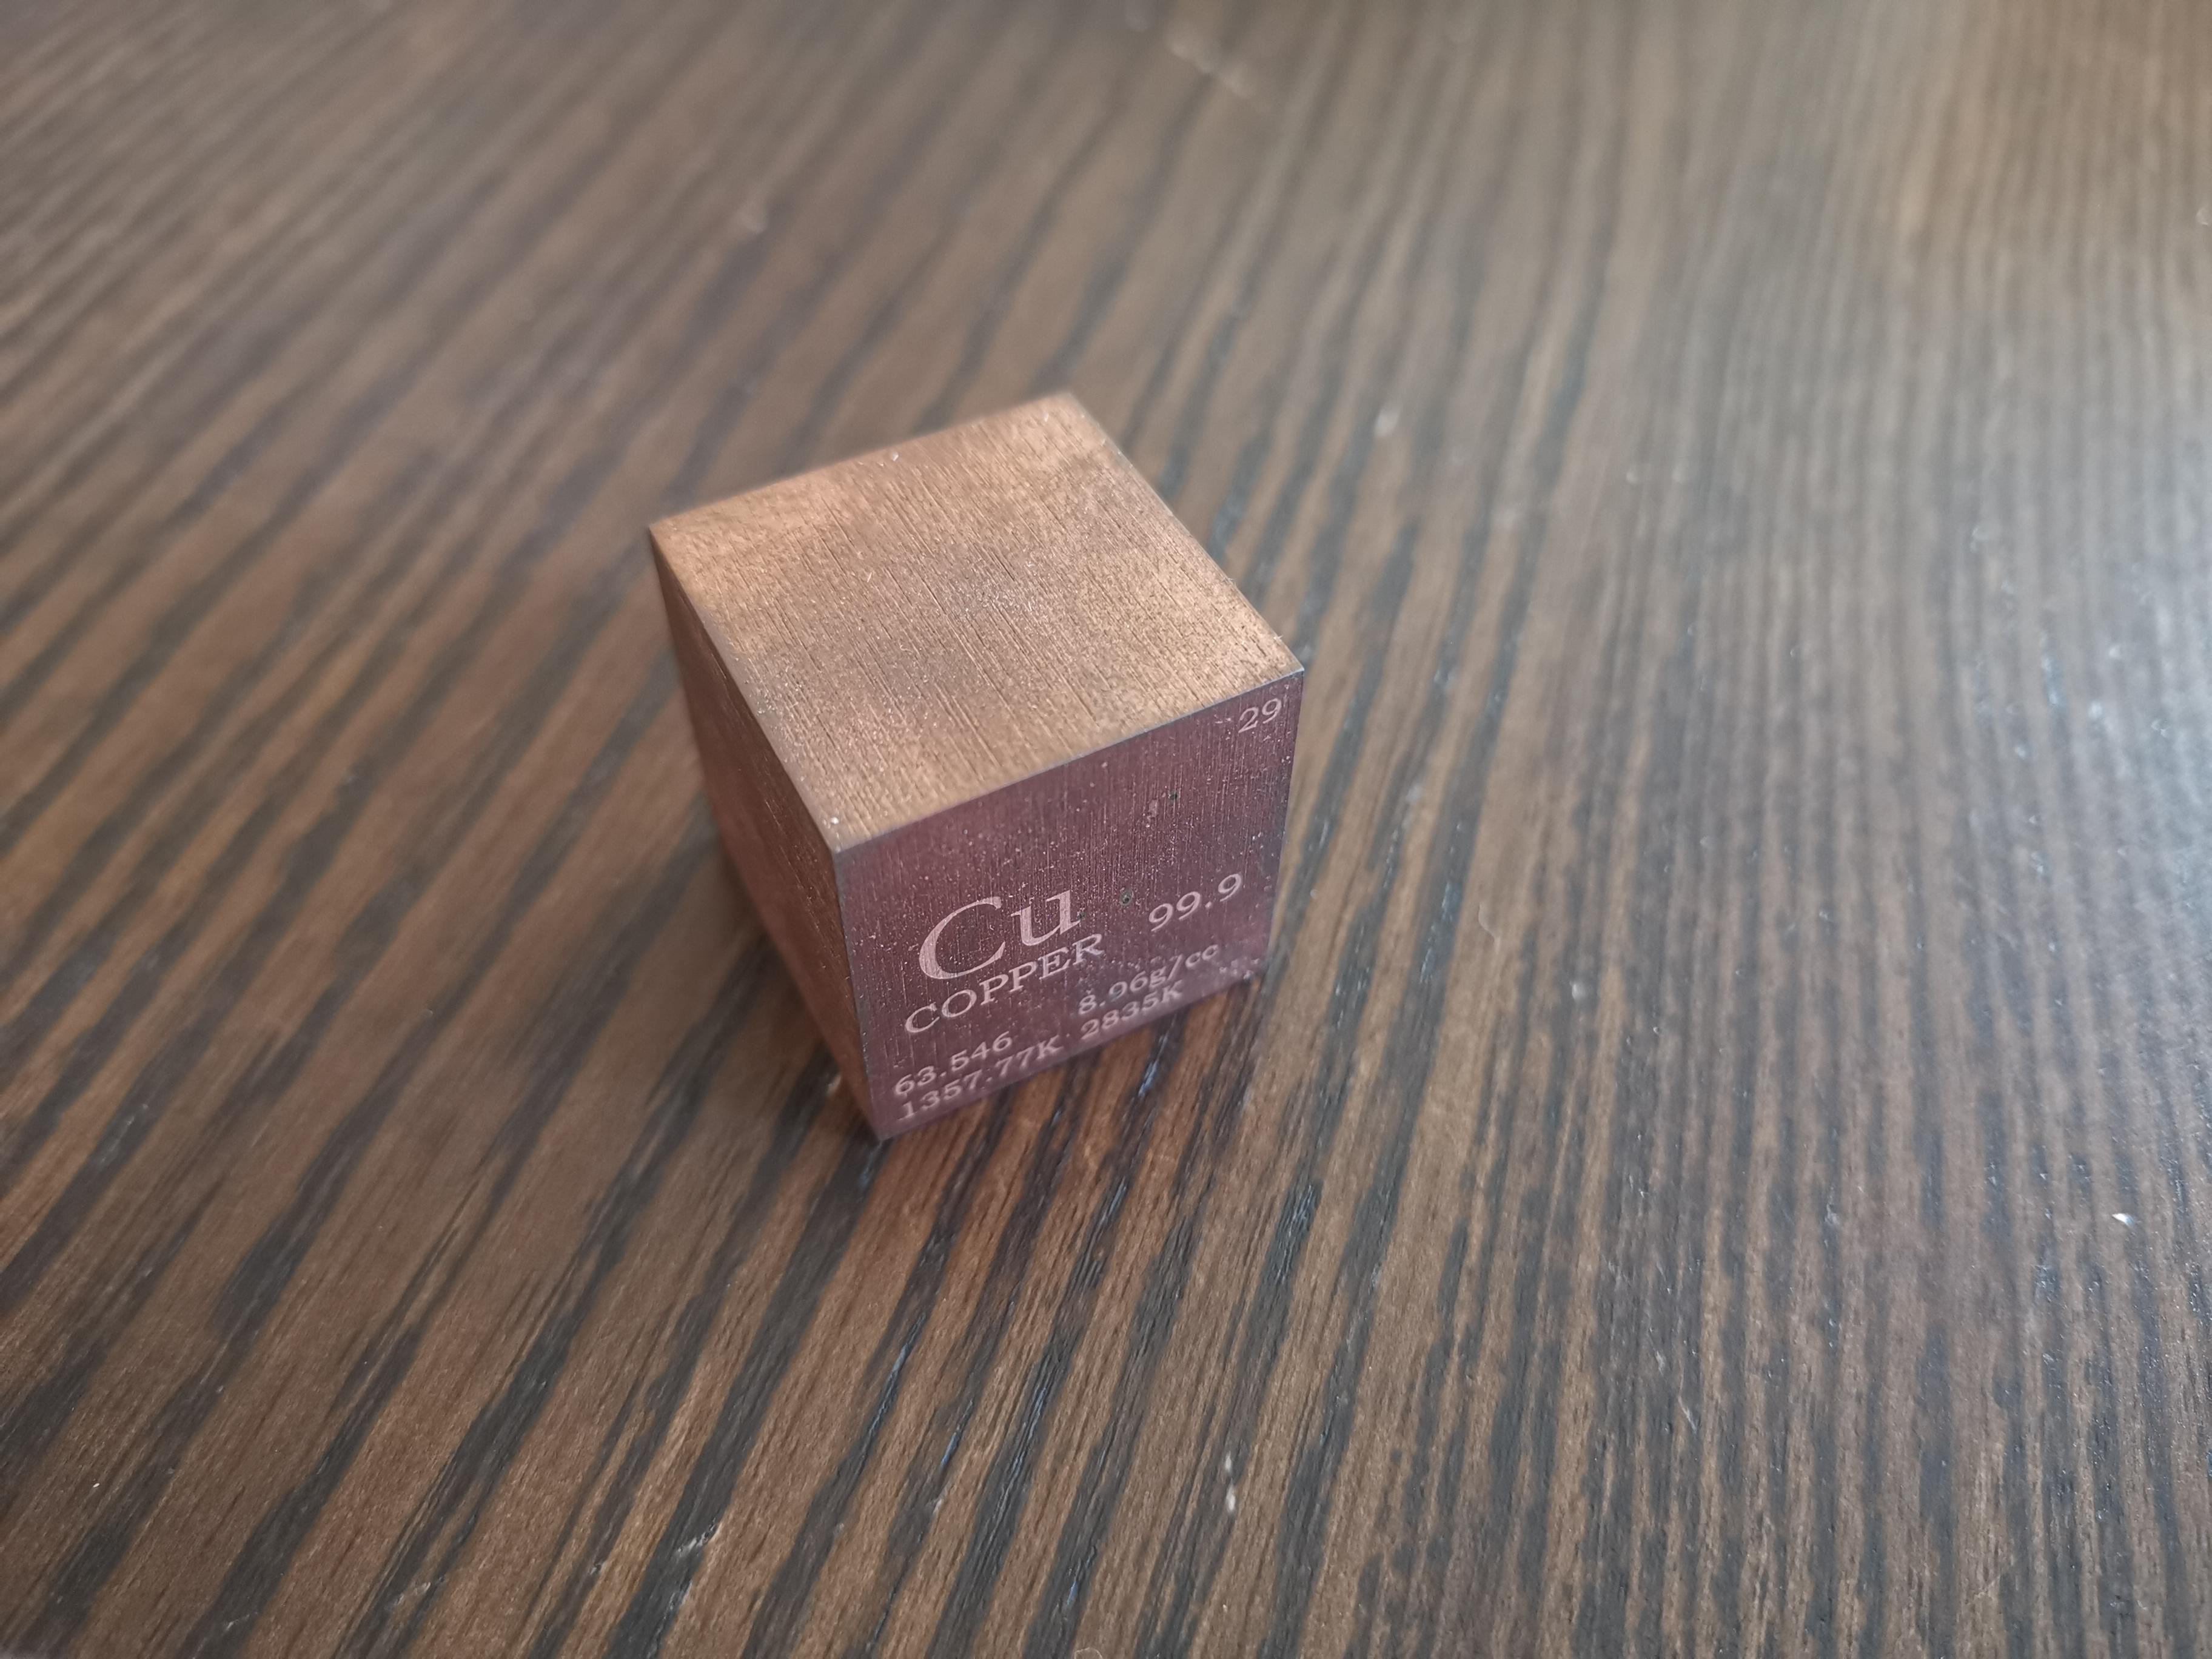 Le cube montre des signes d'altération par le temps et l'humidité en s'oxydant légèrement et en se patinant